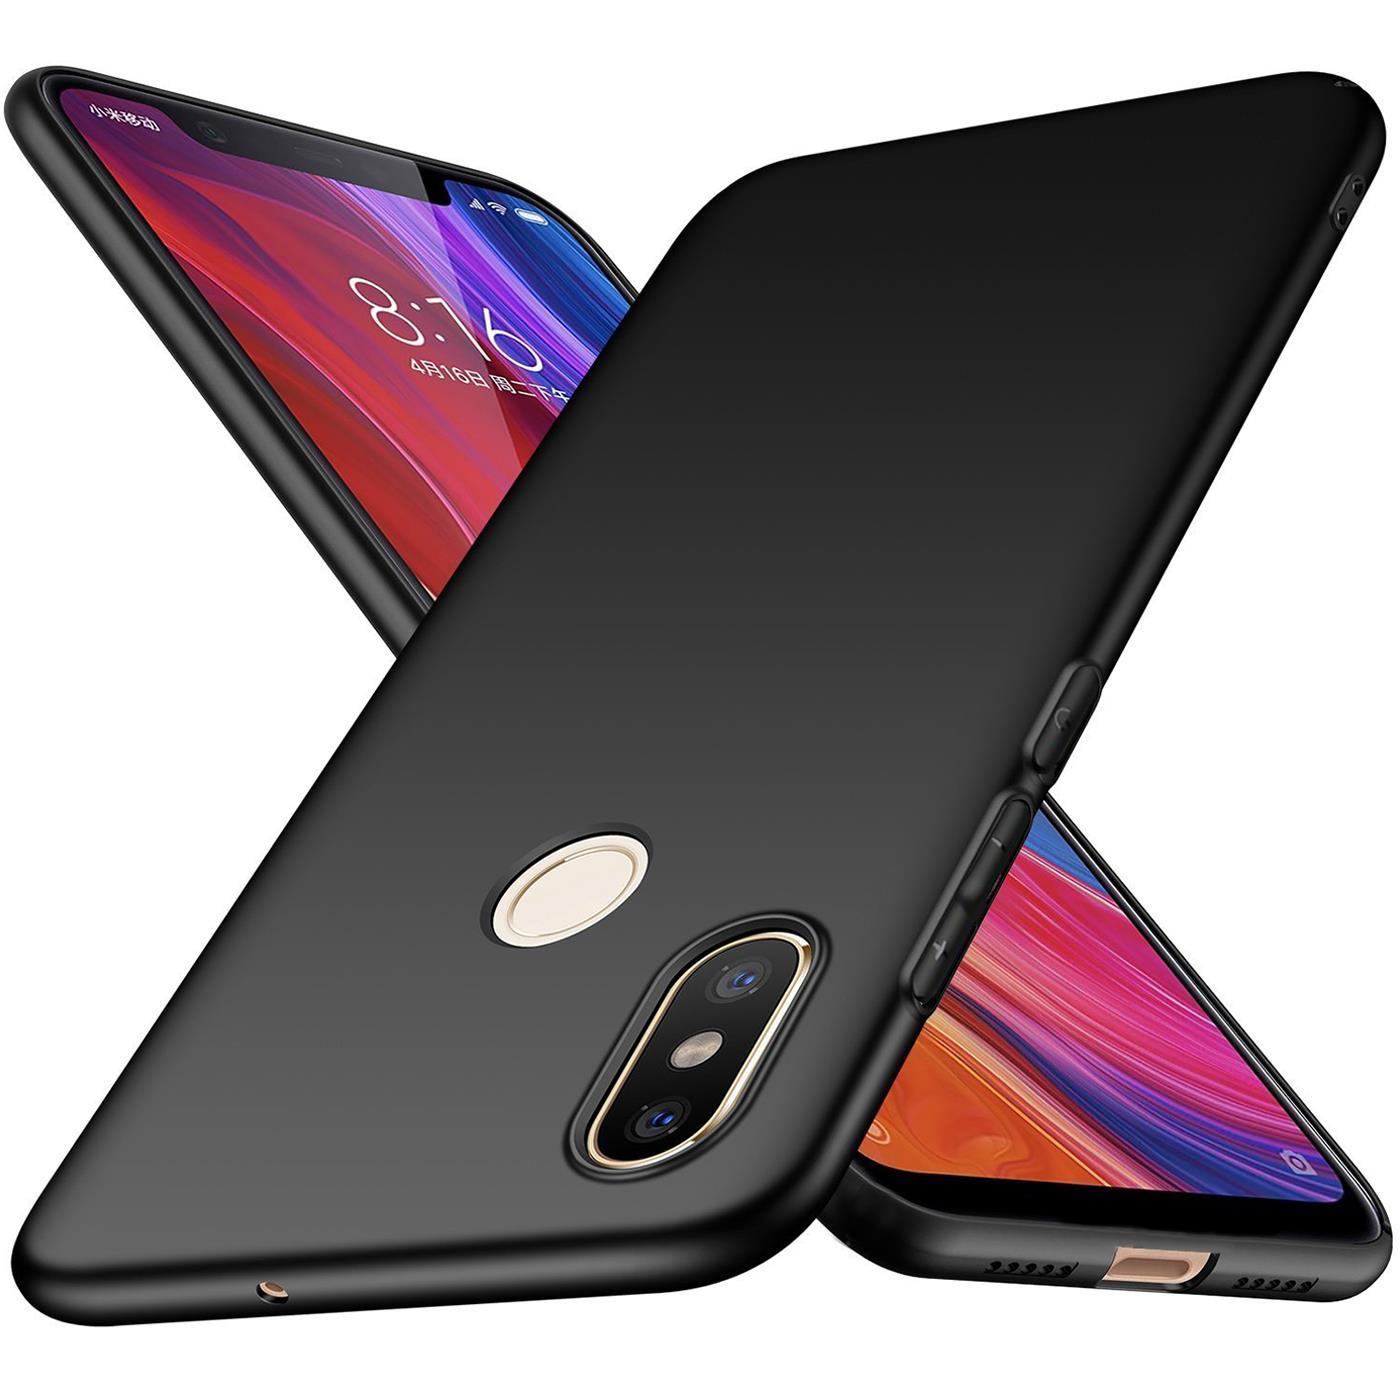 Huelle-fuer-Xiaomi-Mi-8-Schutzhuelle-Handy-Huelle-Slim-Case-Weich-Matt-Schwarz-Cover Indexbild 9